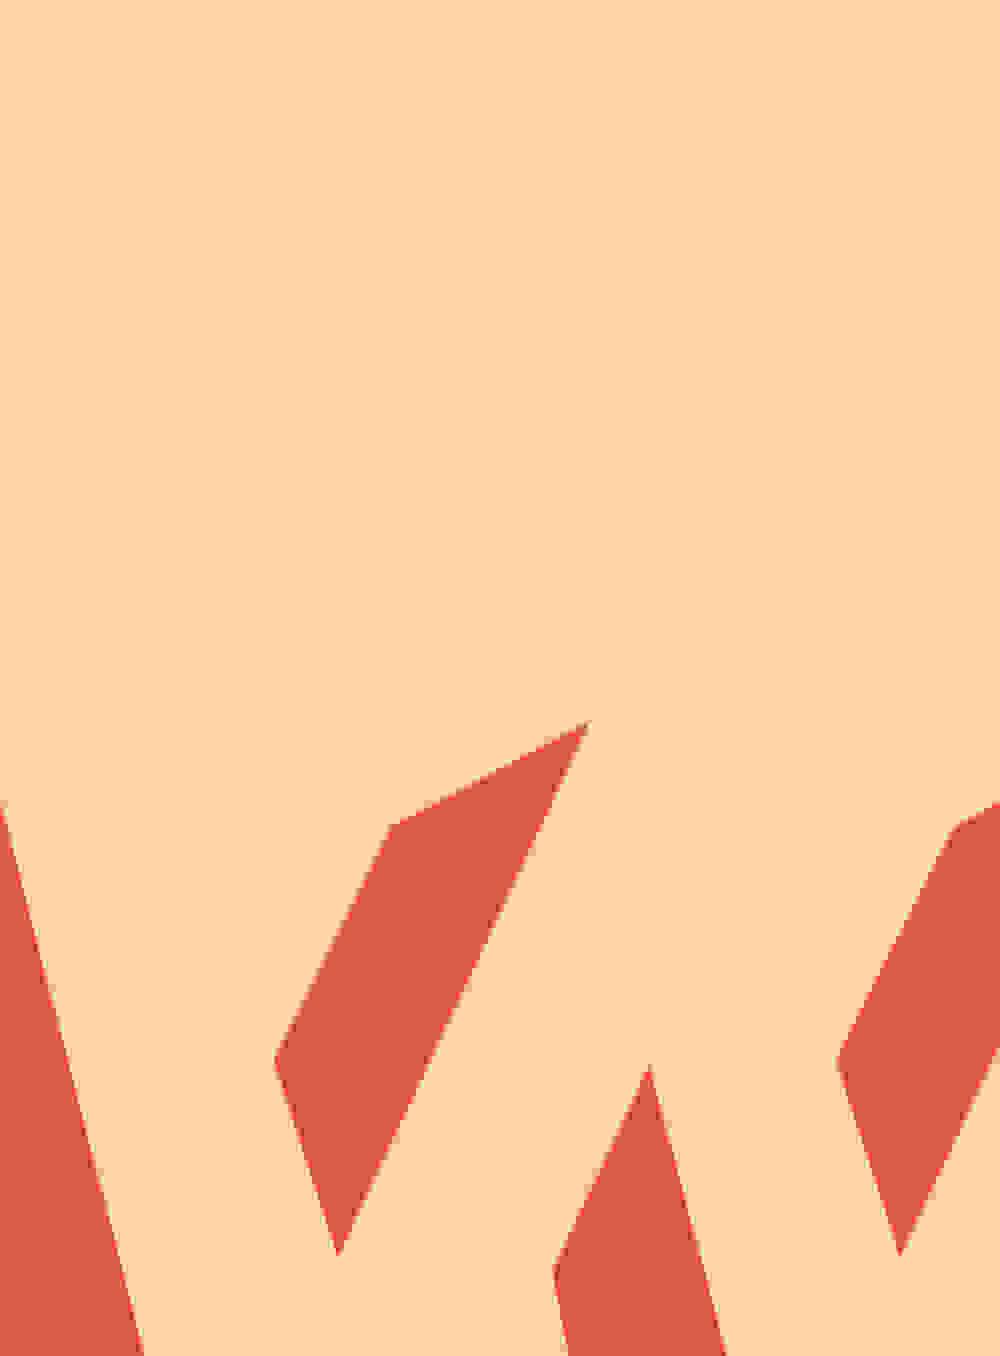 WFW19 Progr Cover 20190131 1000px Breit